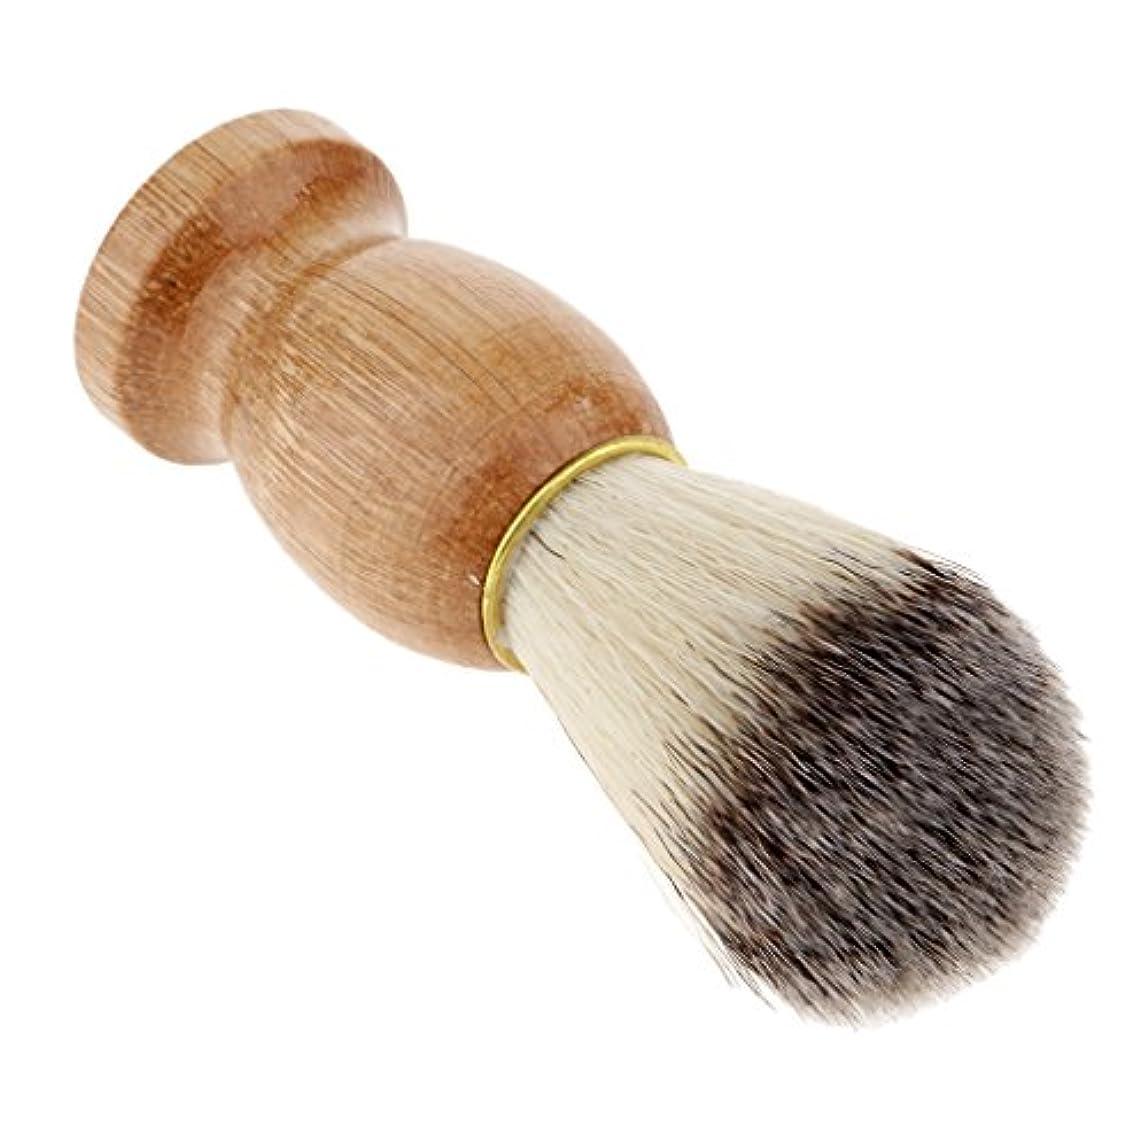 地理灰スコットランド人人毛ひげの切断の塵の浄化のための木製のハンドルの剛毛の剃るブラシ